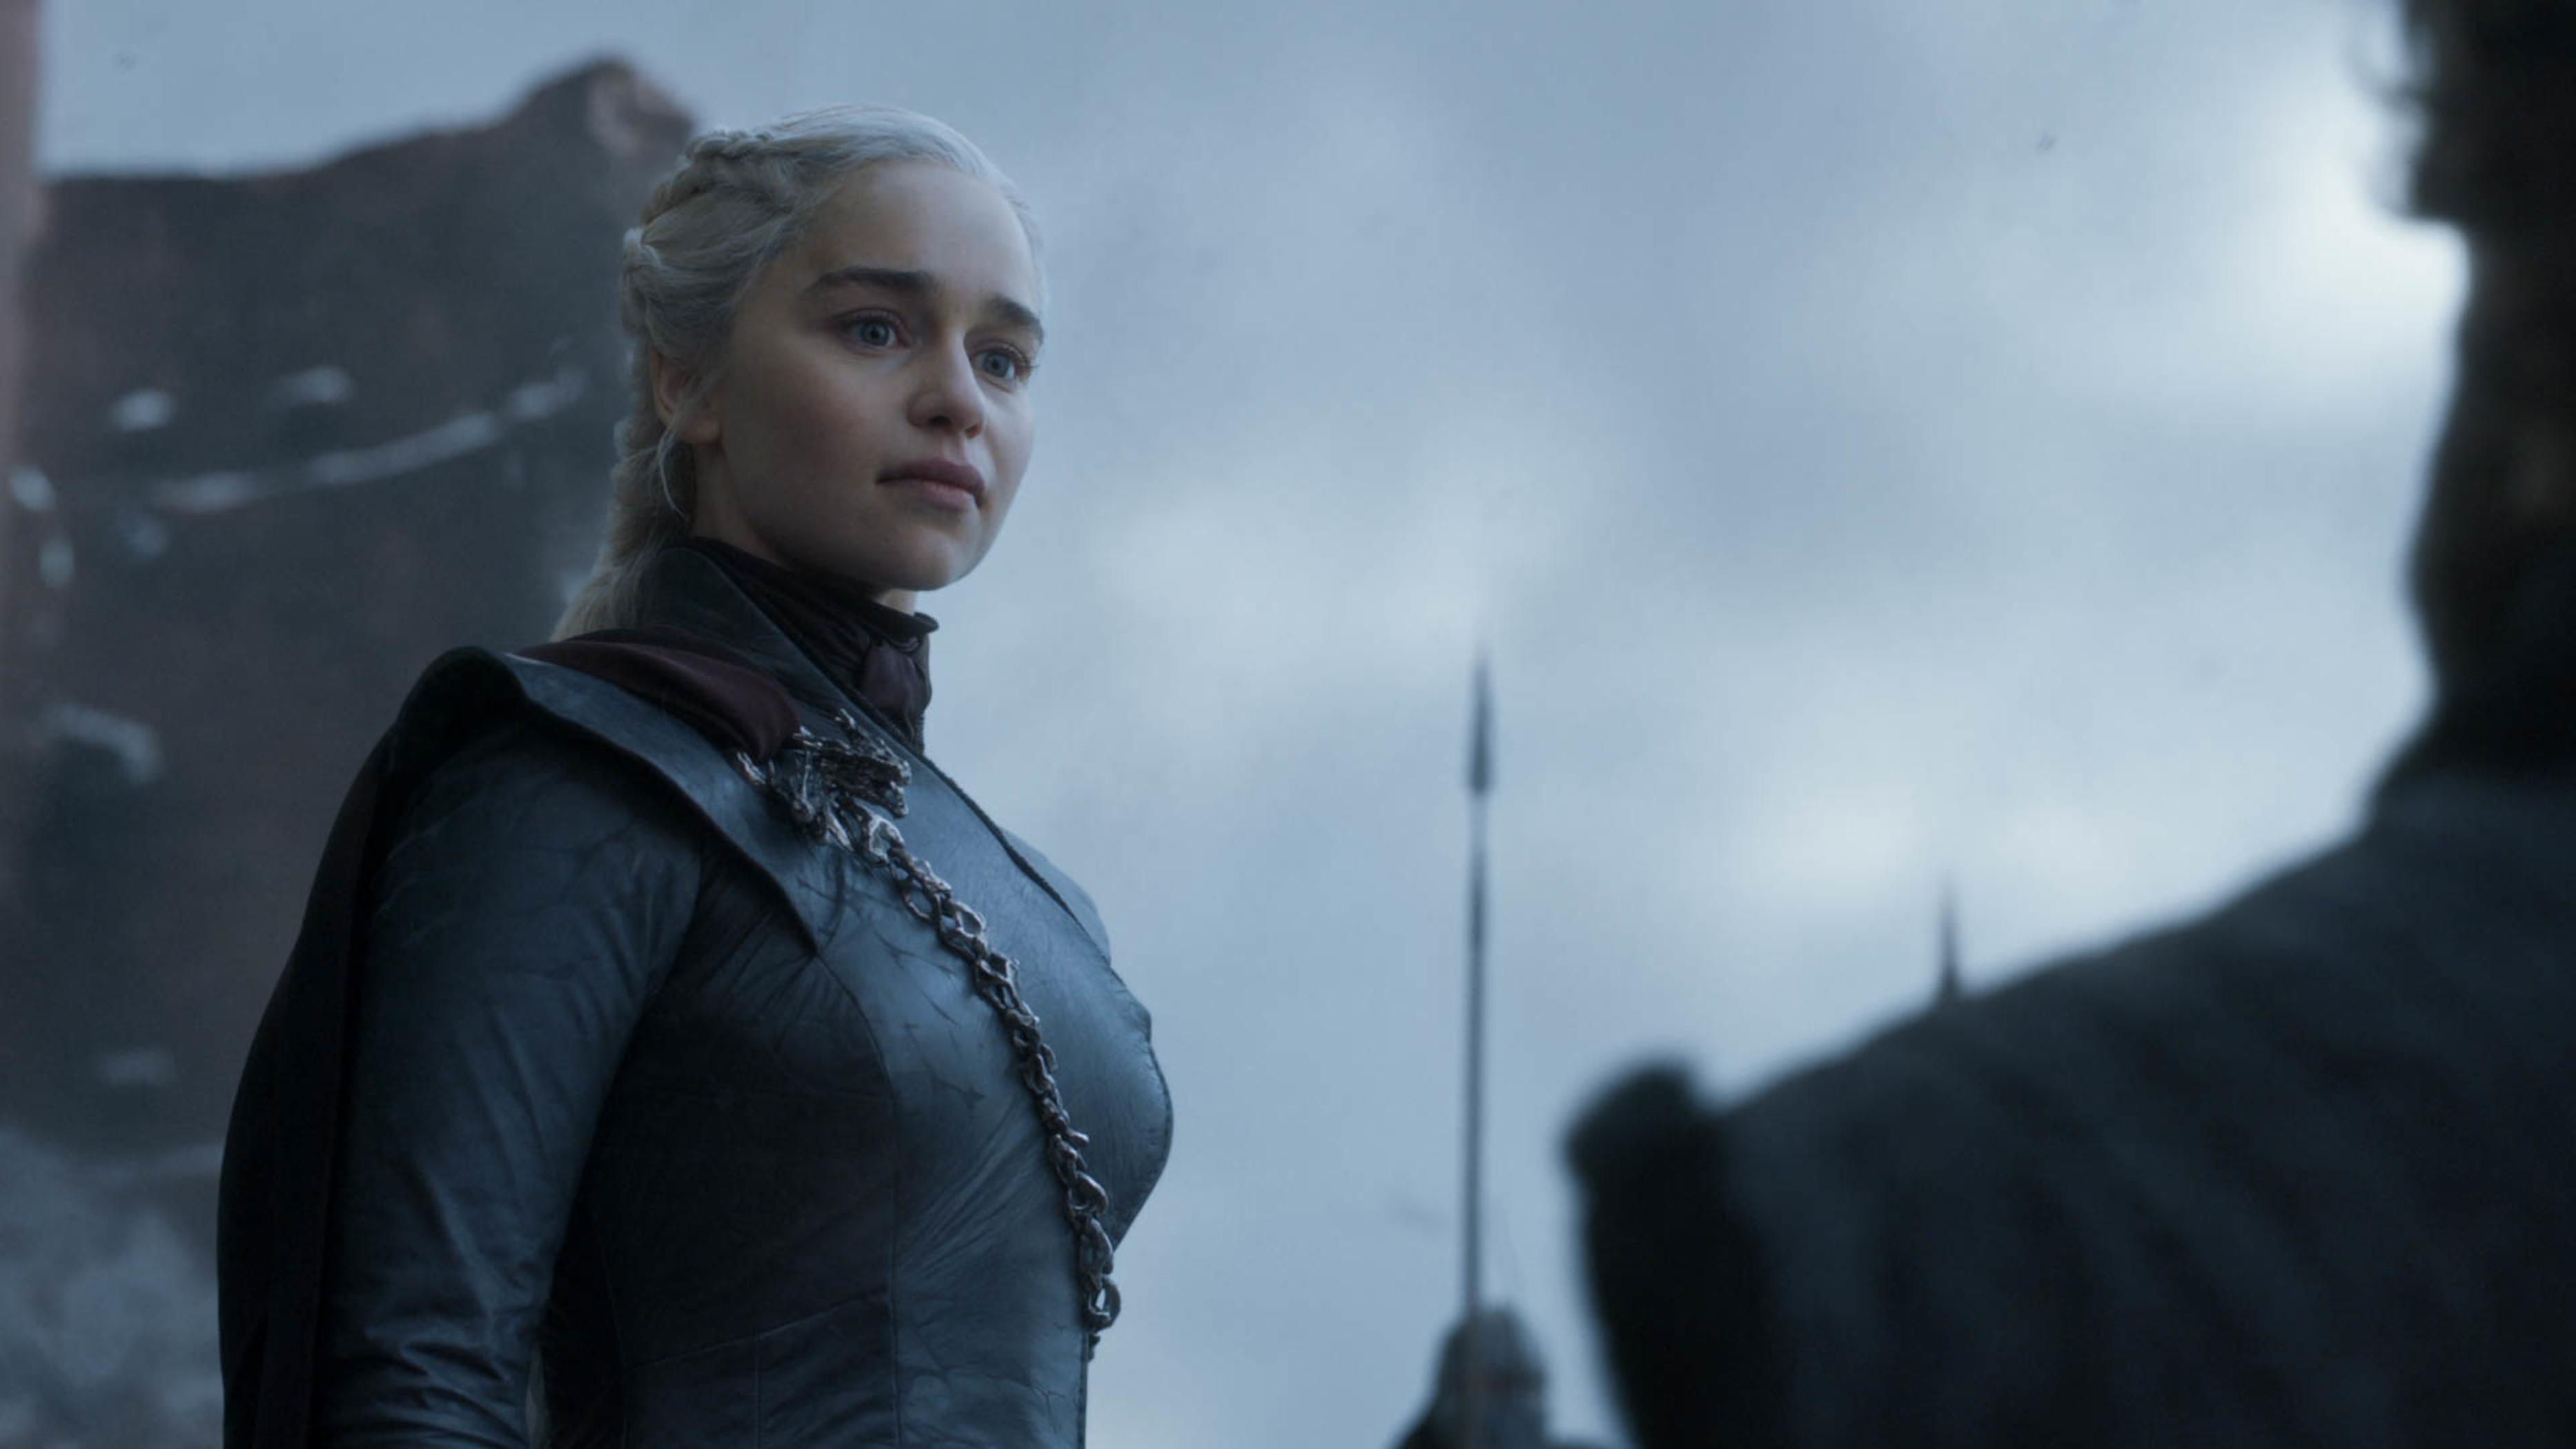 Daenerys Targaryen after her victory at King's Landing.